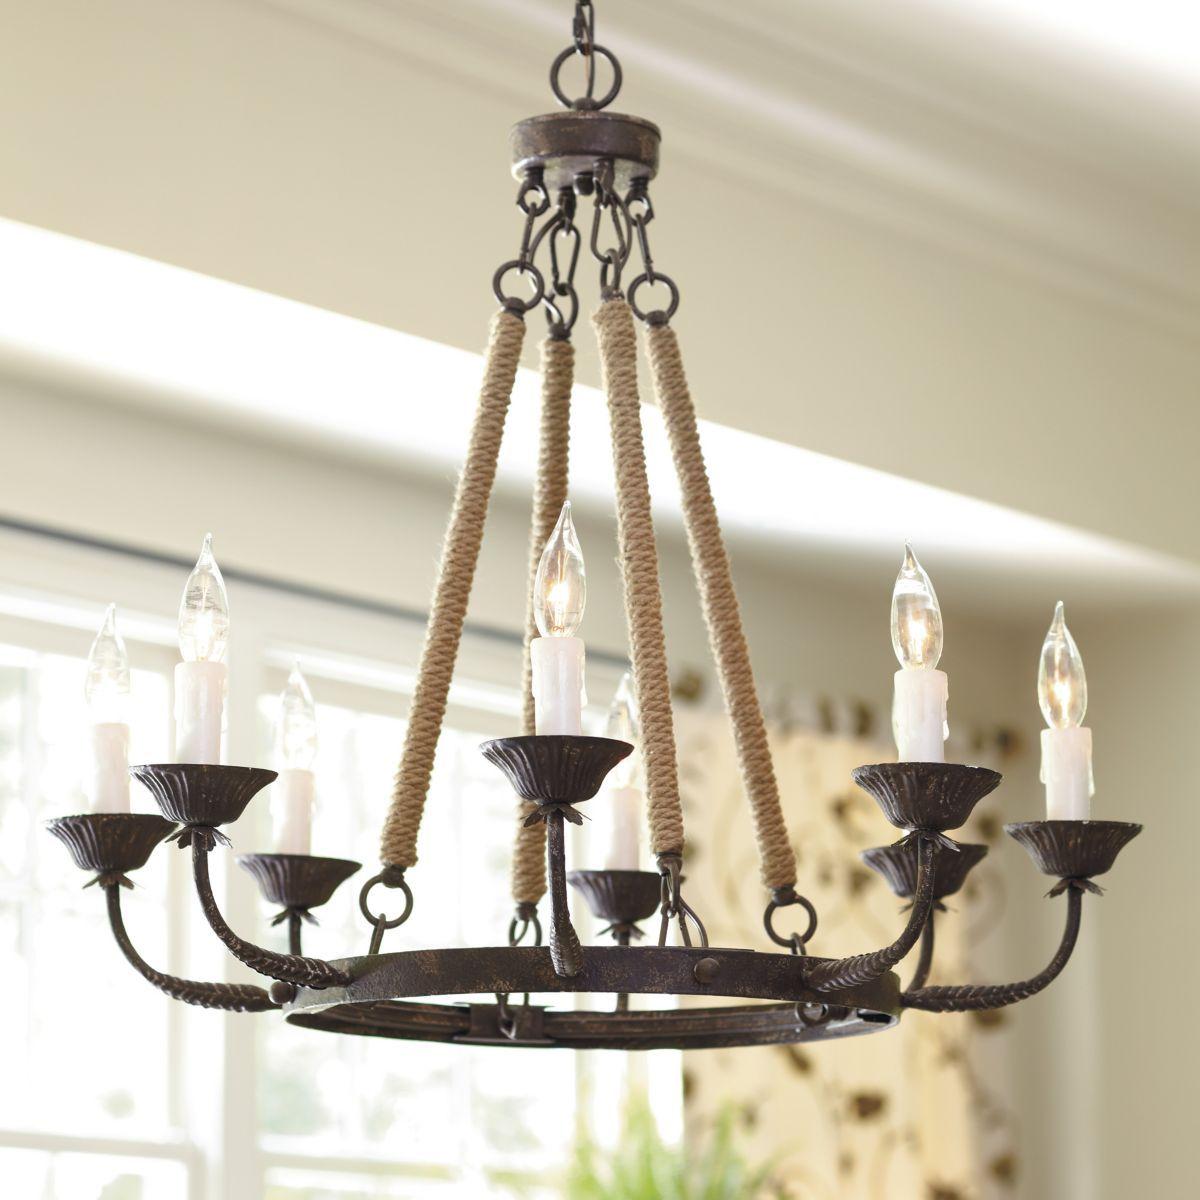 Laurenza 8 light chandelier chandeliers lights and room laurenza 8 light chandelier arubaitofo Image collections